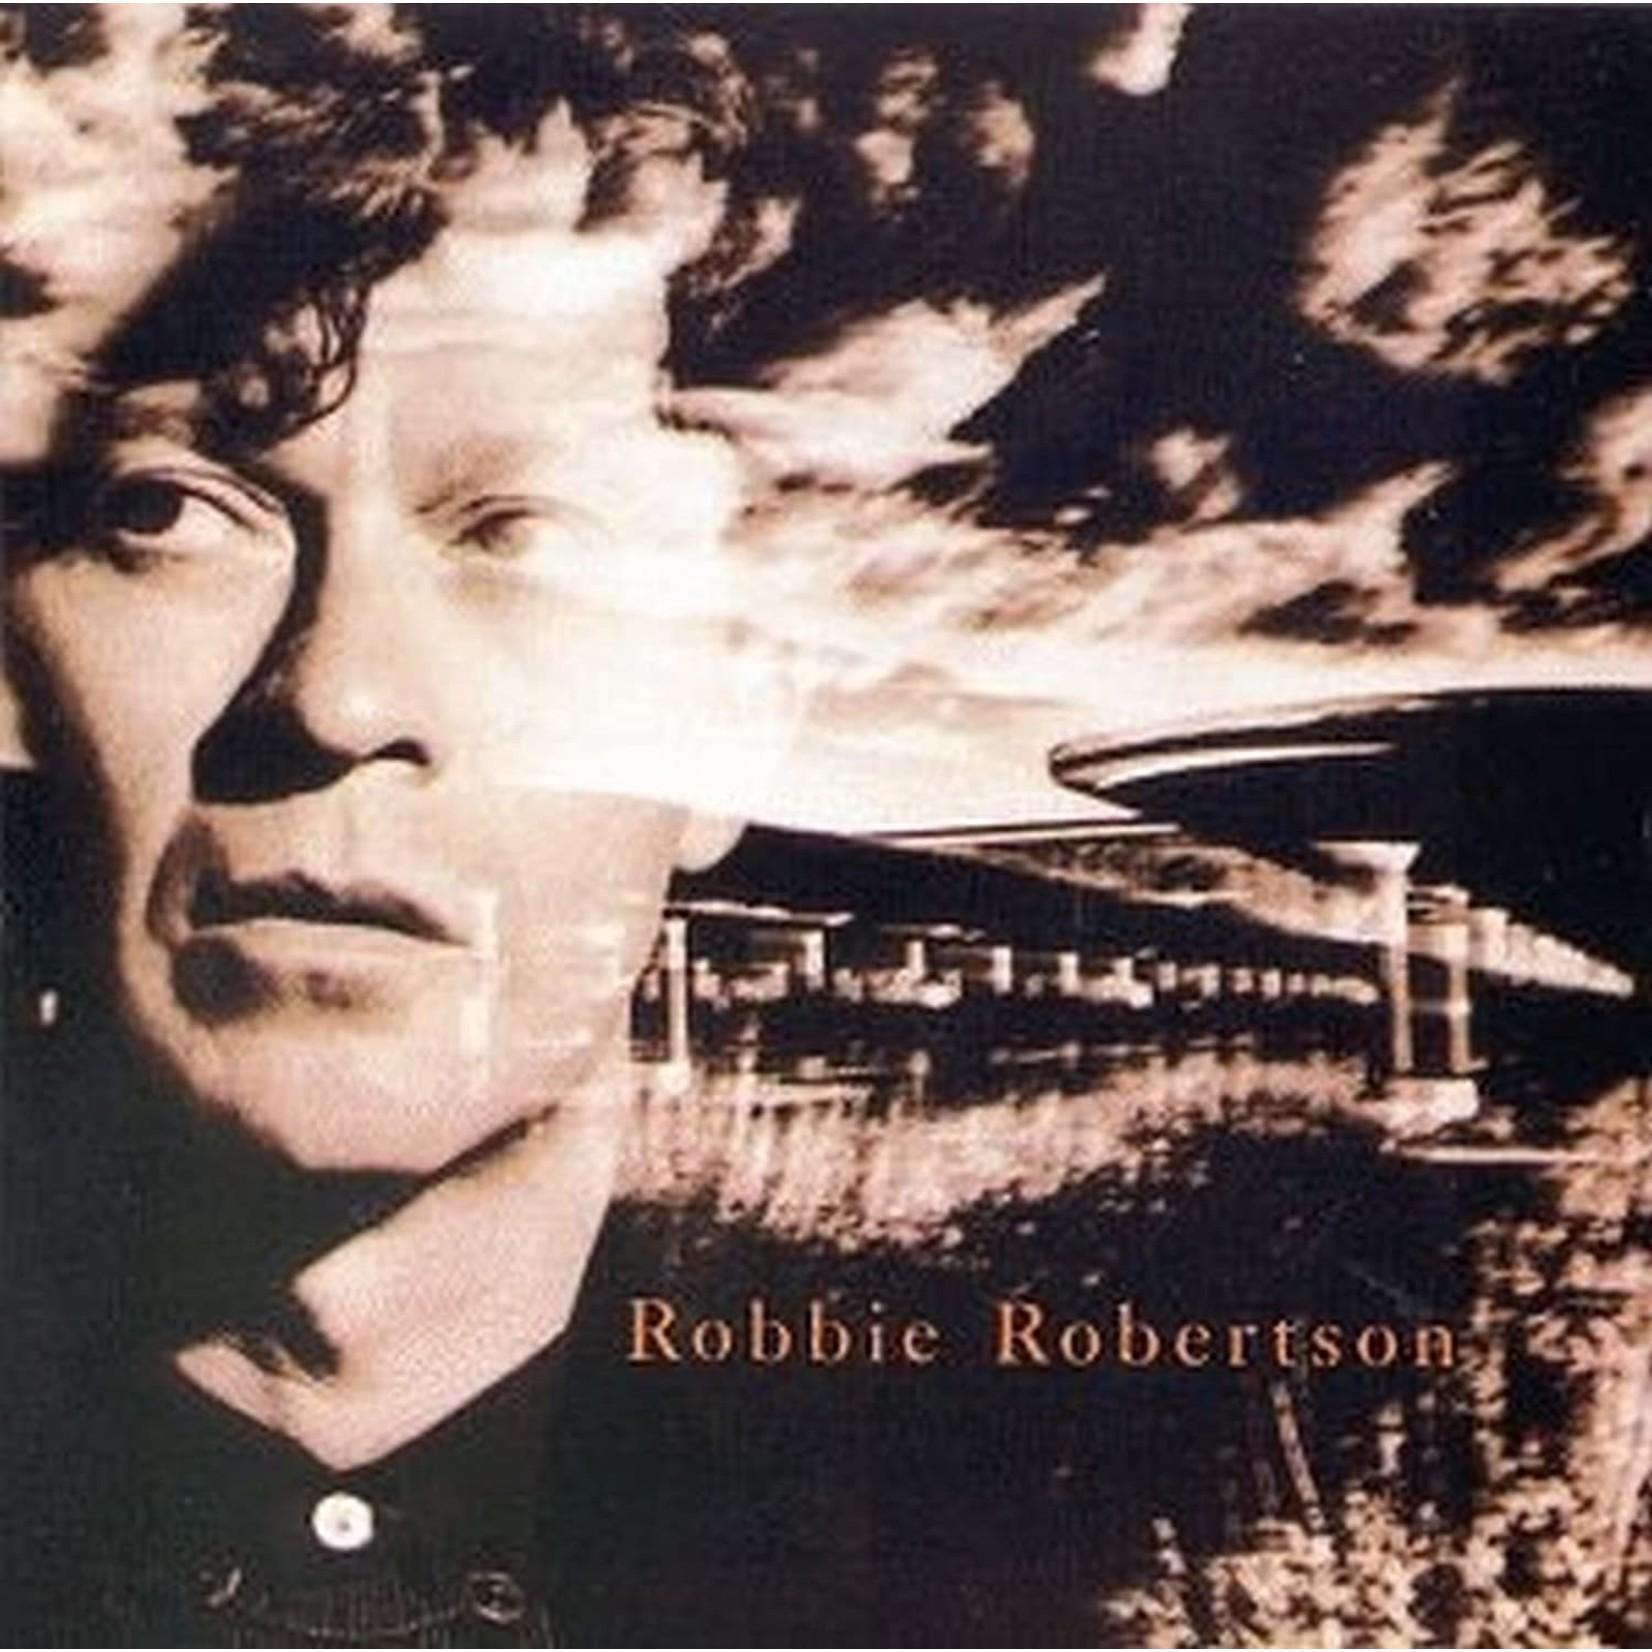 [Vintage] Robertson, Robbie: self-titled